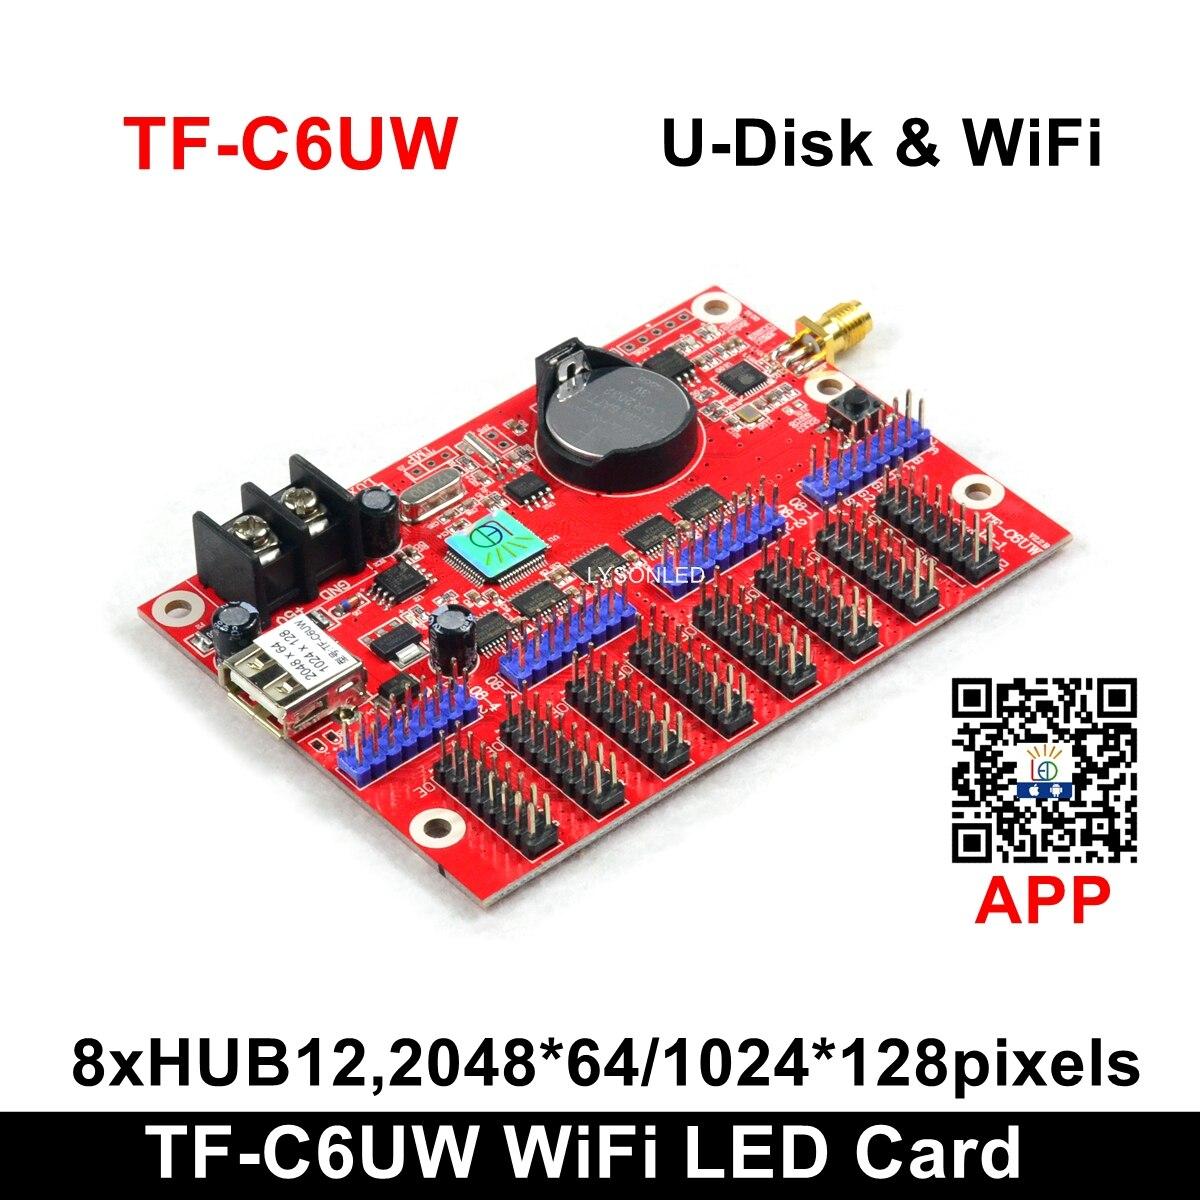 Где купить Заводская цена LongGreat TF-C6UW WIFI Коммуникационный светодиодный дисплей, поддержка 1024*128 пикселей P10 одноцветный светодиодный прокрутка